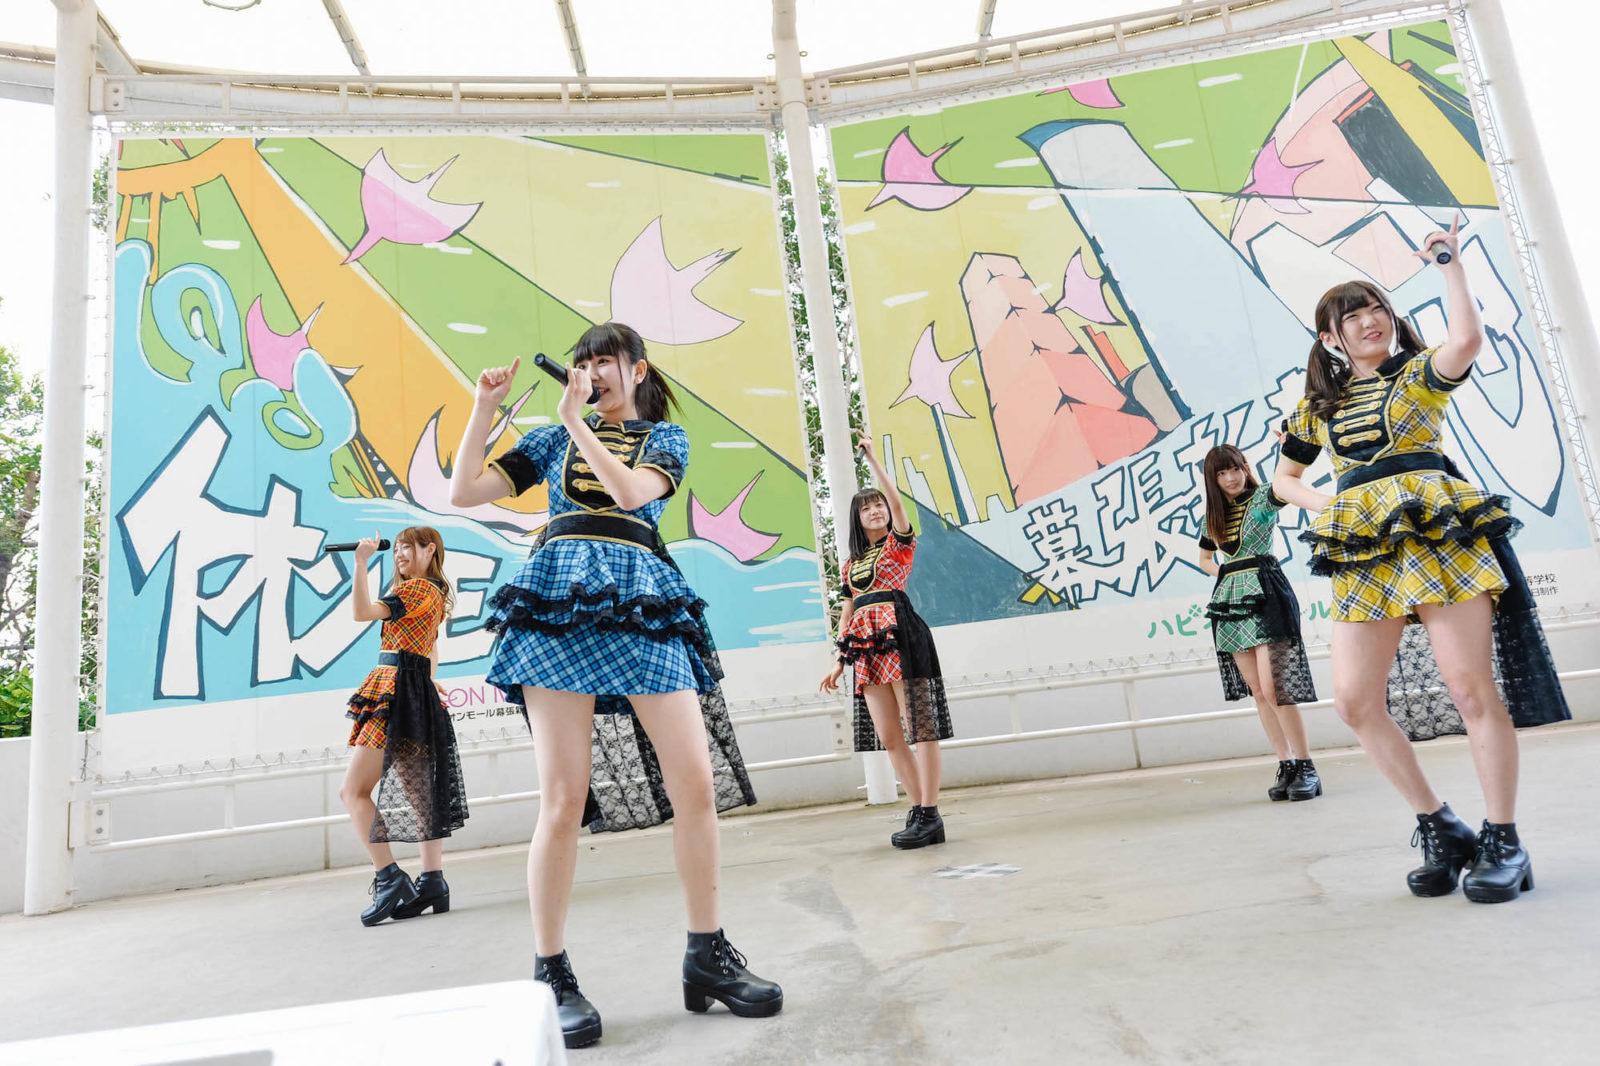 虹のコンキスタドール、PINK CRES.、放課後プリンセスらが初夏の1日をさらに暑くするステージを披露【「IDOL CONTENT EXPO 〜また帰ってきたよ!初夏の大無銭祭〜」1日目レポート】画像95368